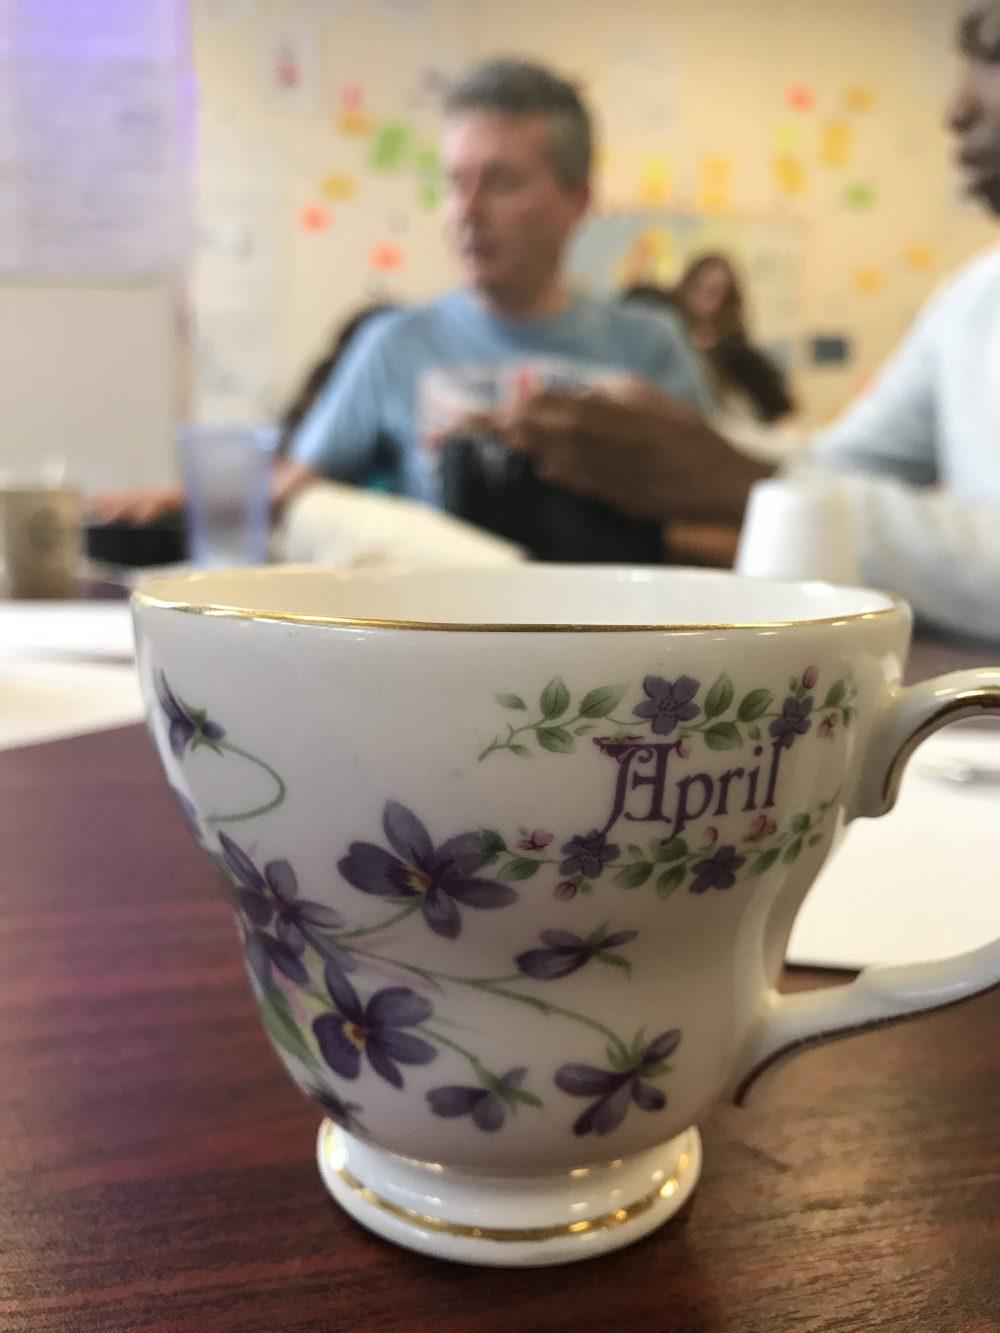 National Afternoon Tea Week